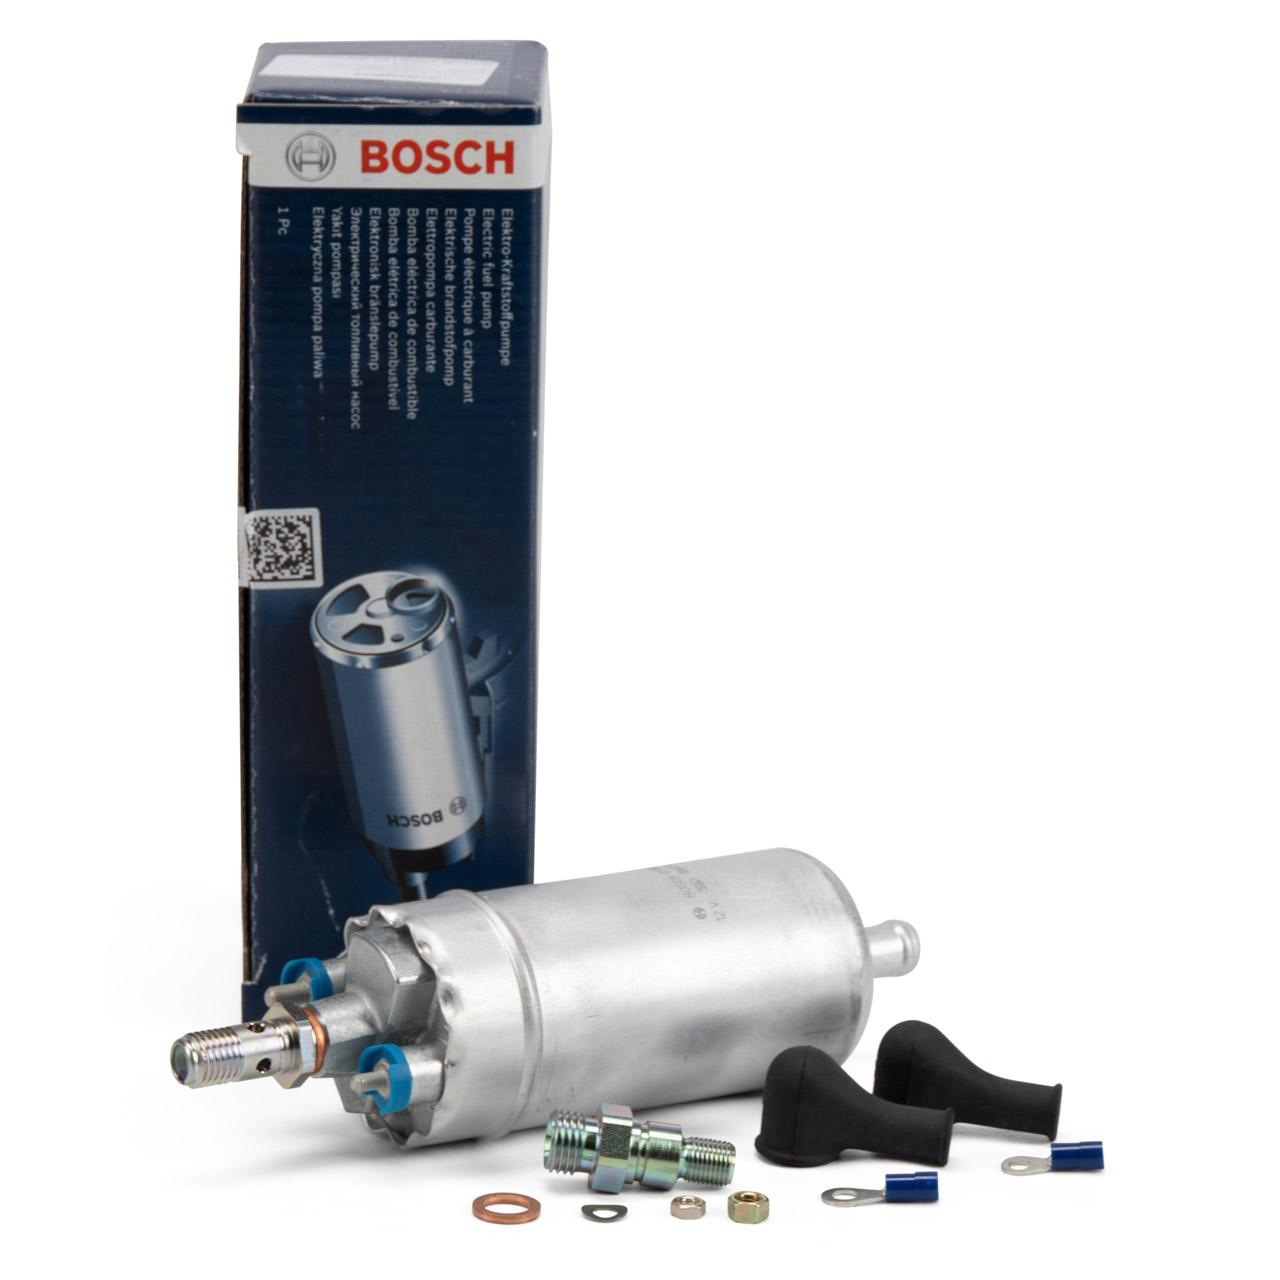 BOSCH 0580464069 Kraftstoffpumpe für PORSCHE 911 3.2 924 2.5S 944 2.5-3.0 968